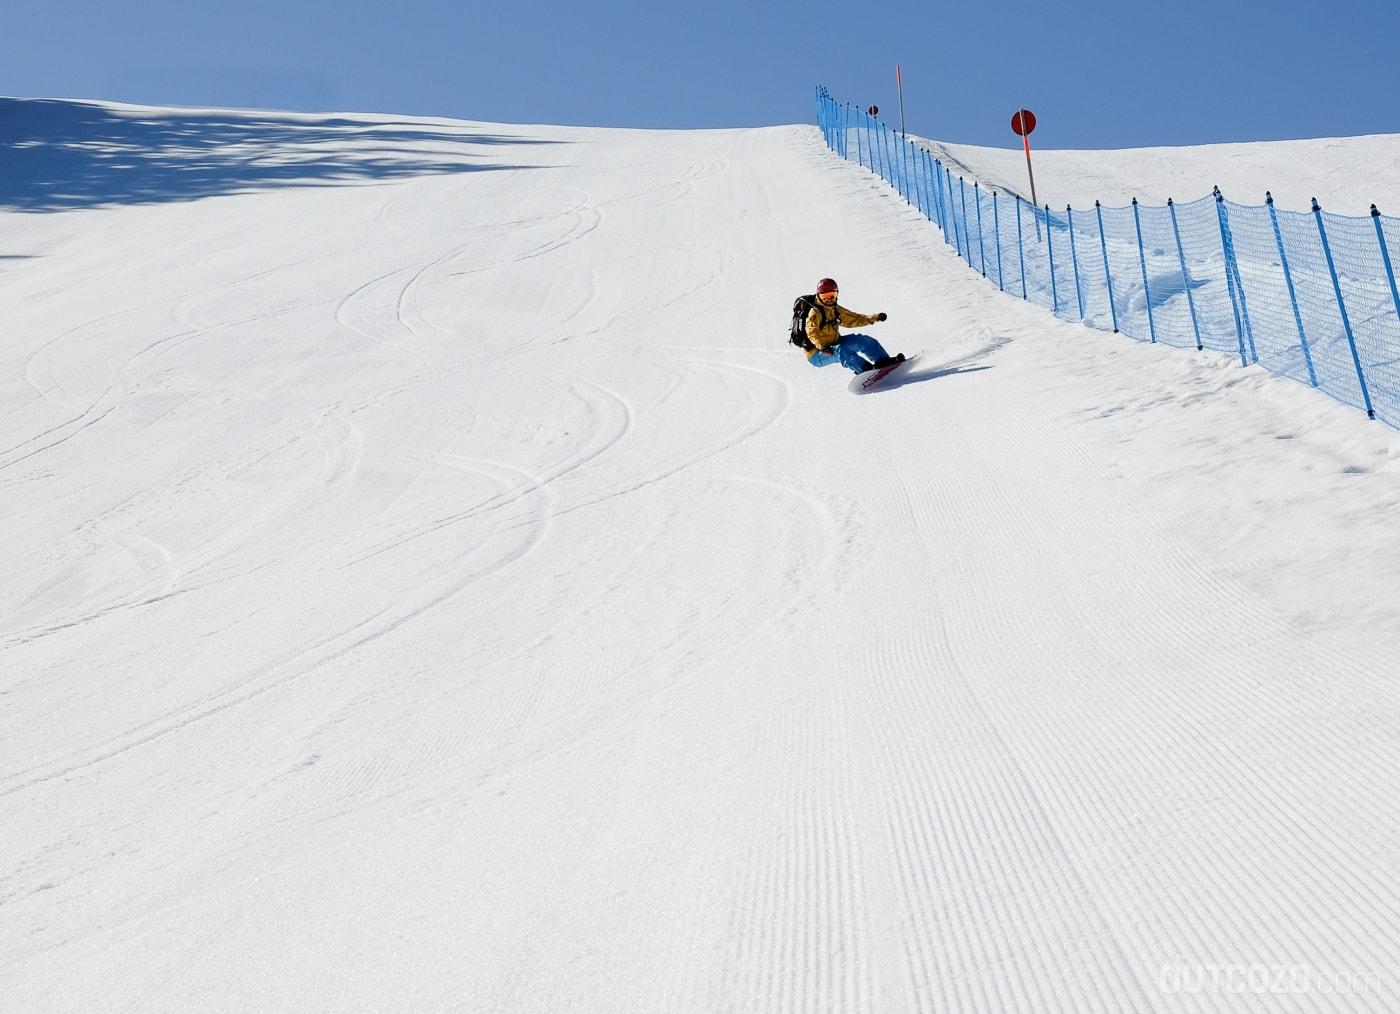 Carven mit Snowboard auf leerer Piste